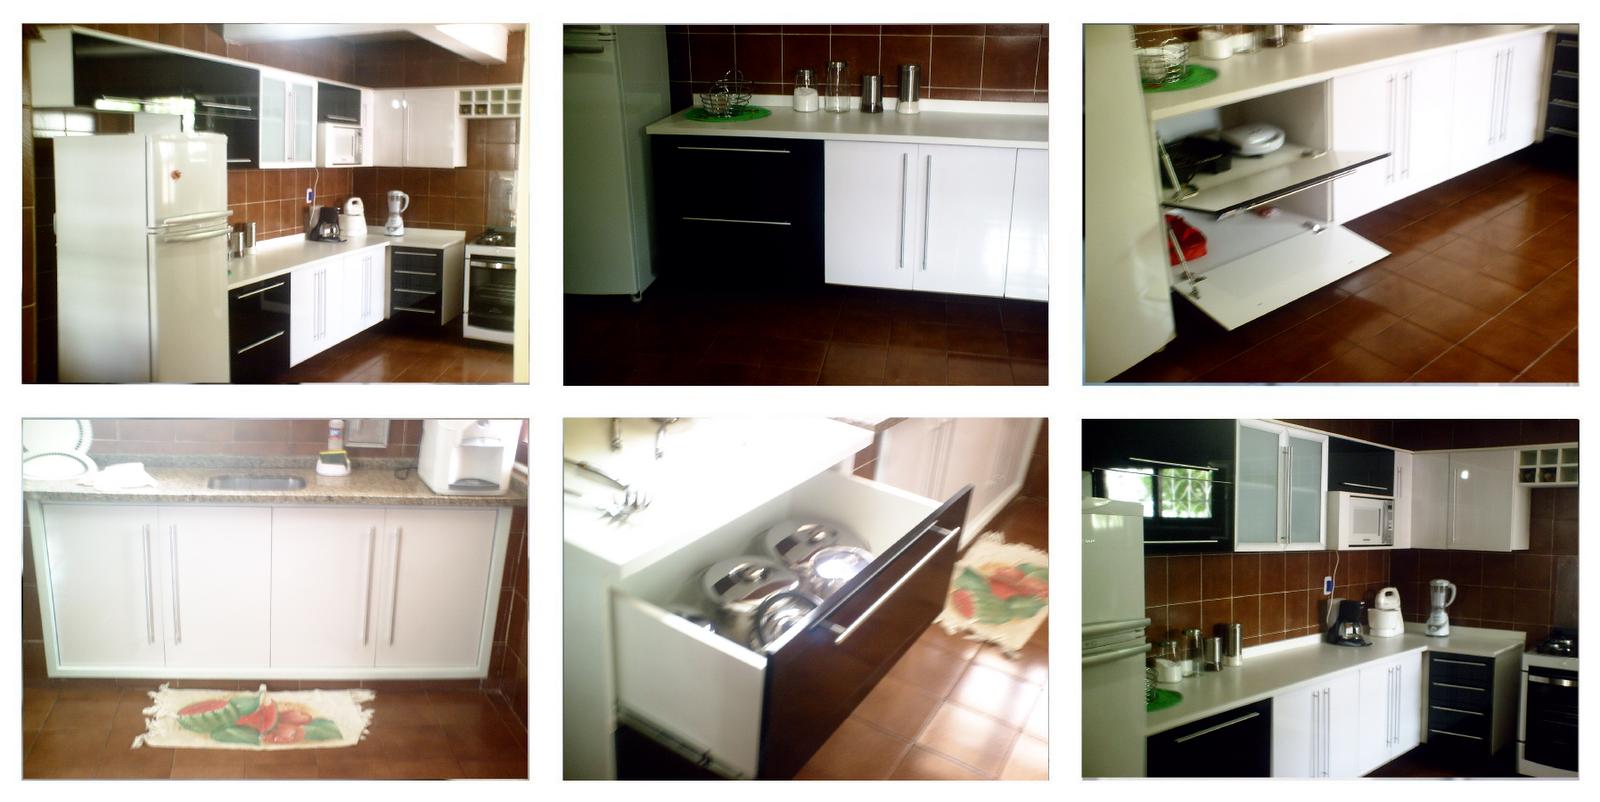 Cozinha 100% MDF na cor preta e branca laca auto brilho (lançamento  #663C1E 1600 802